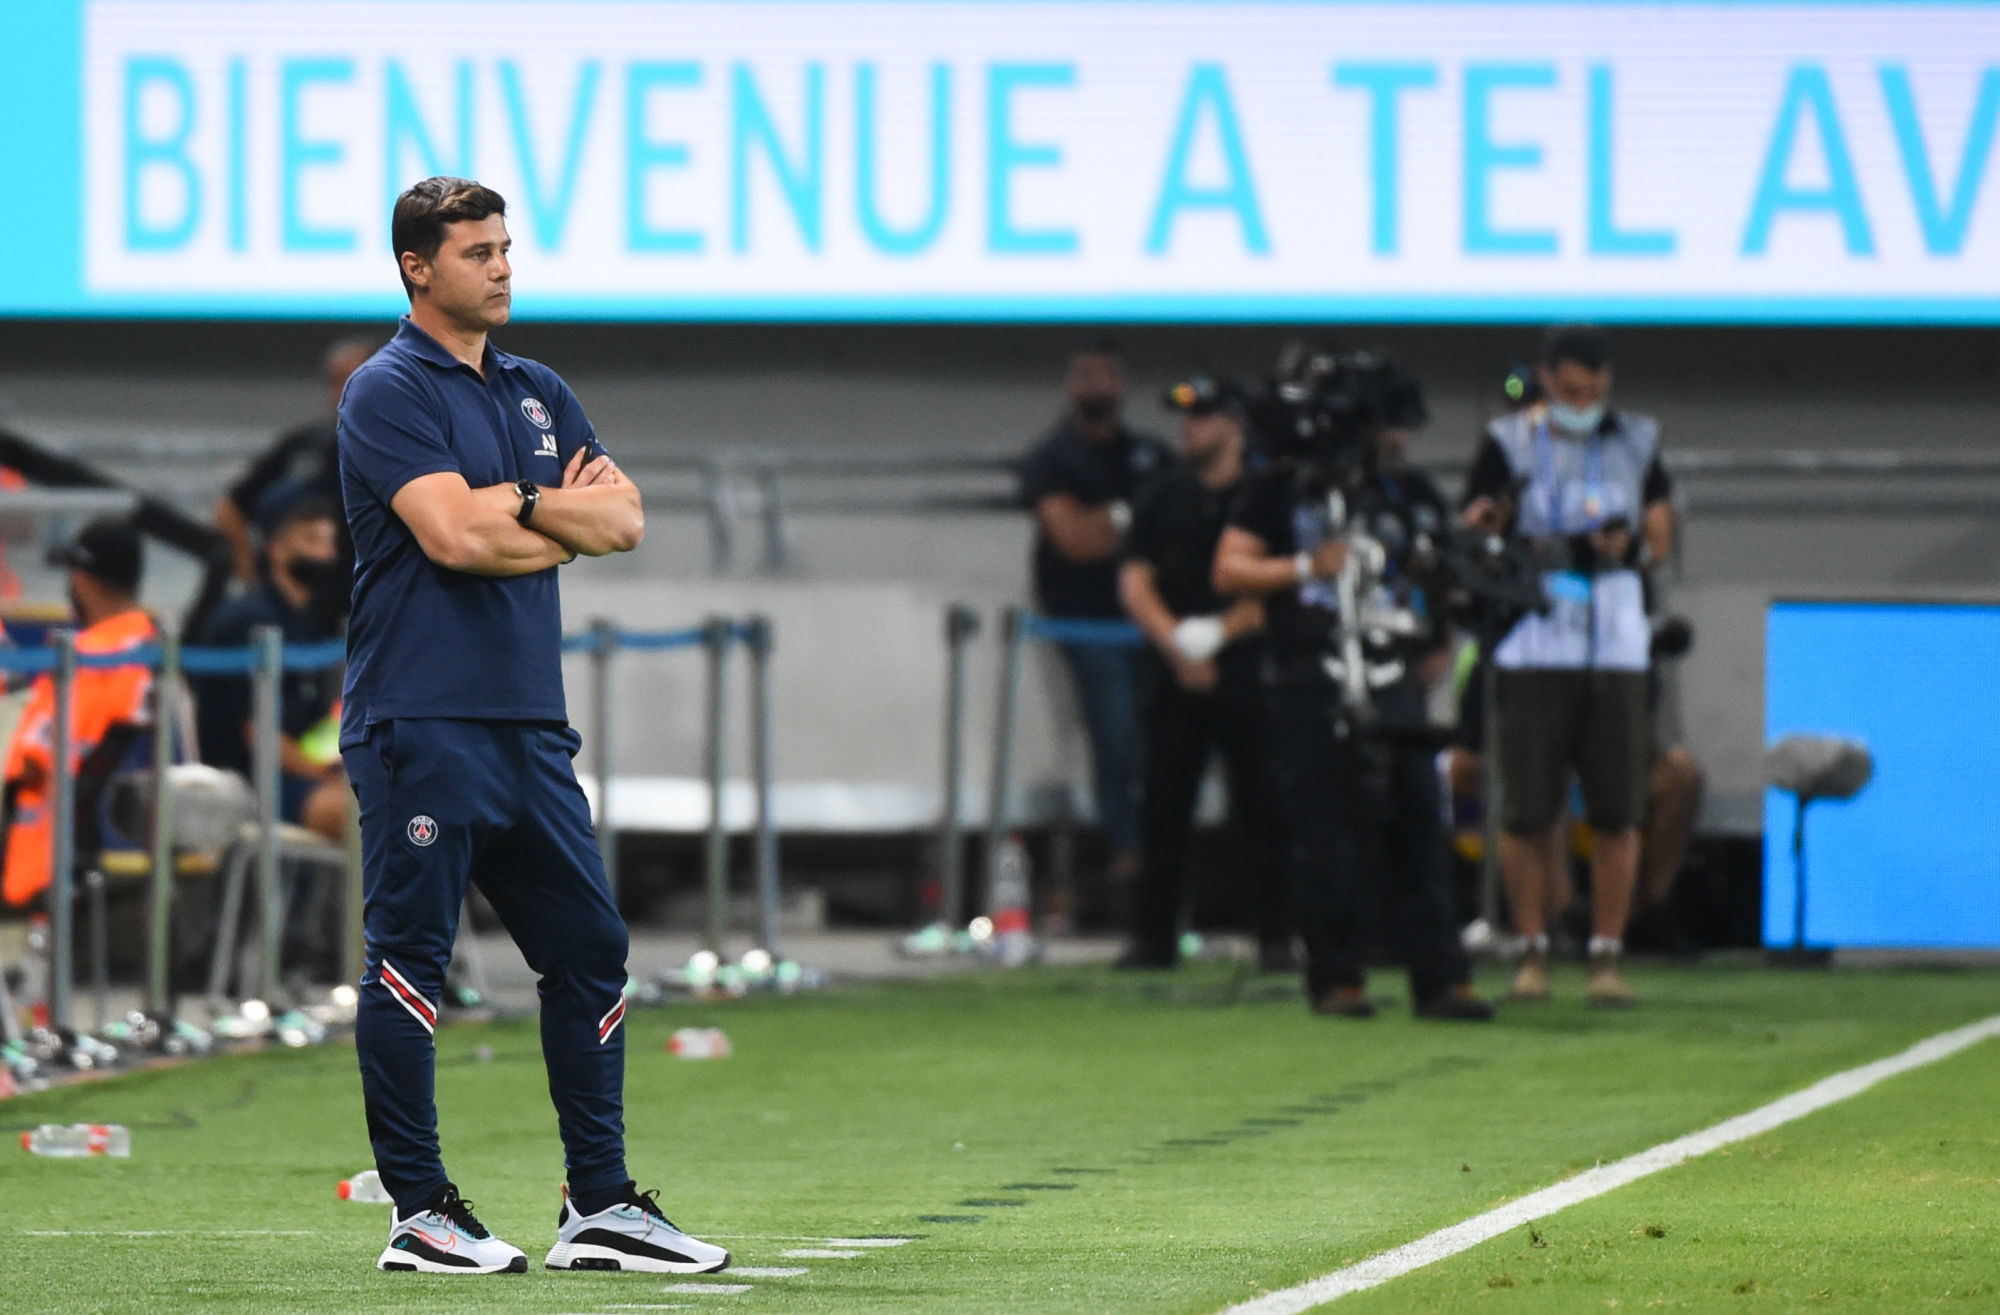 """Lille/PSG - Pochettino """"Perdre une finale est toujours une déception. Il n'y a pas d'excuse"""""""